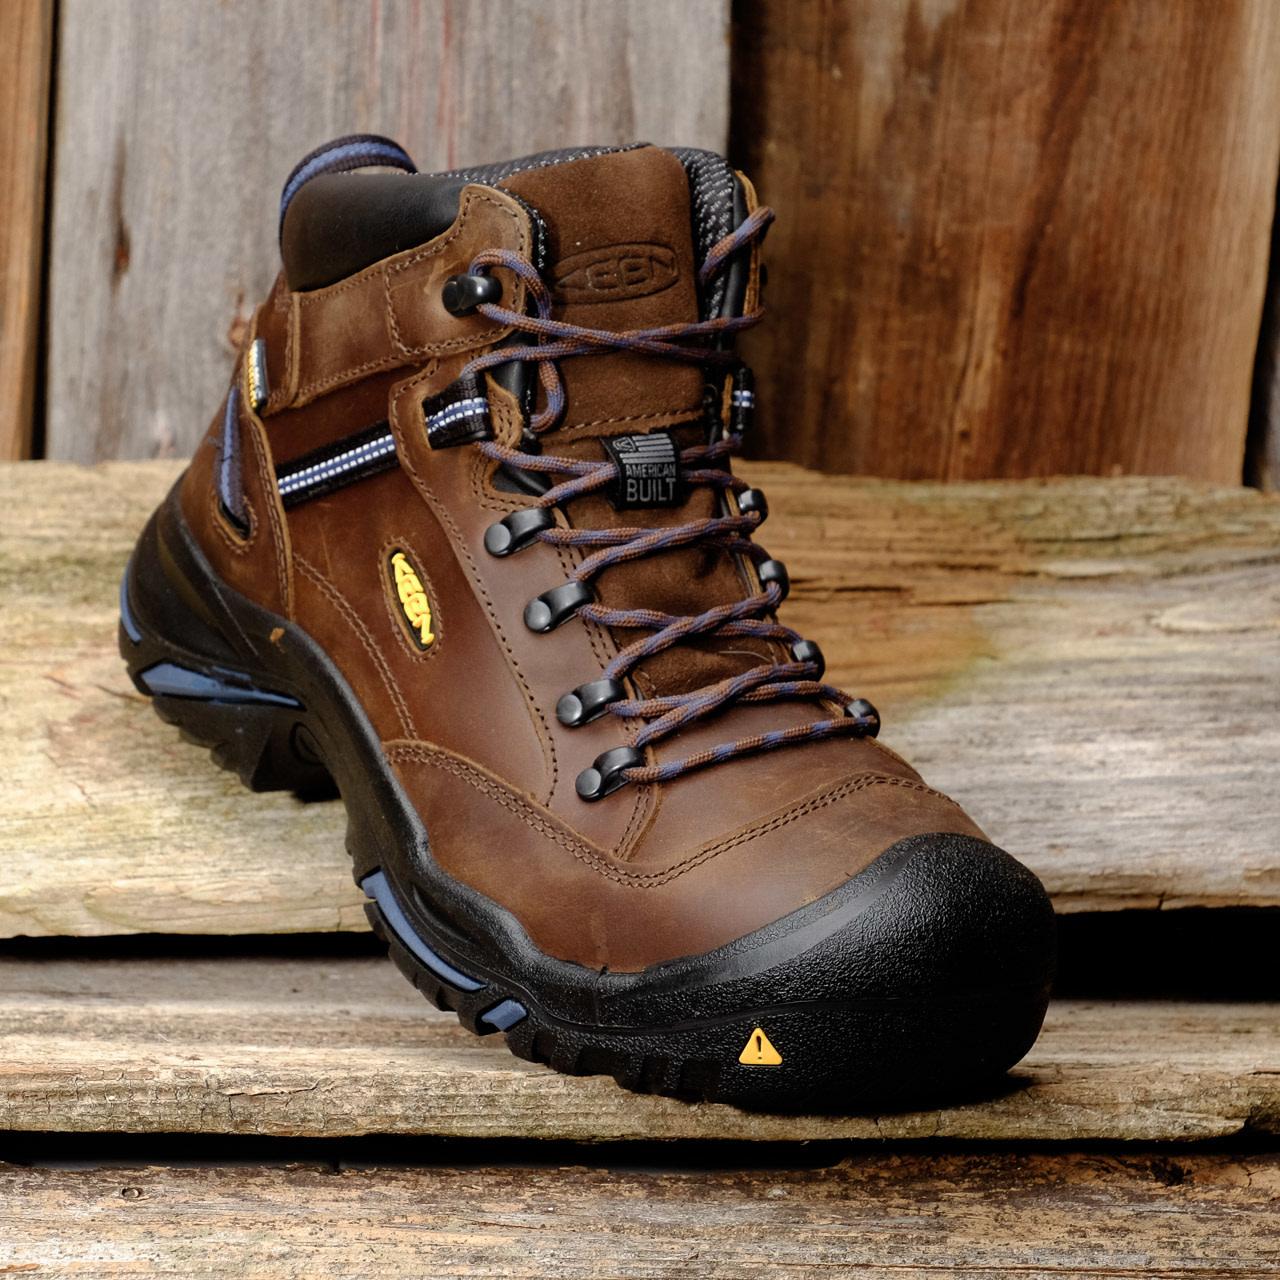 b260cb099c6 Keen Braddock 1012771 Men's Waterproof Steel Toe Work Boots